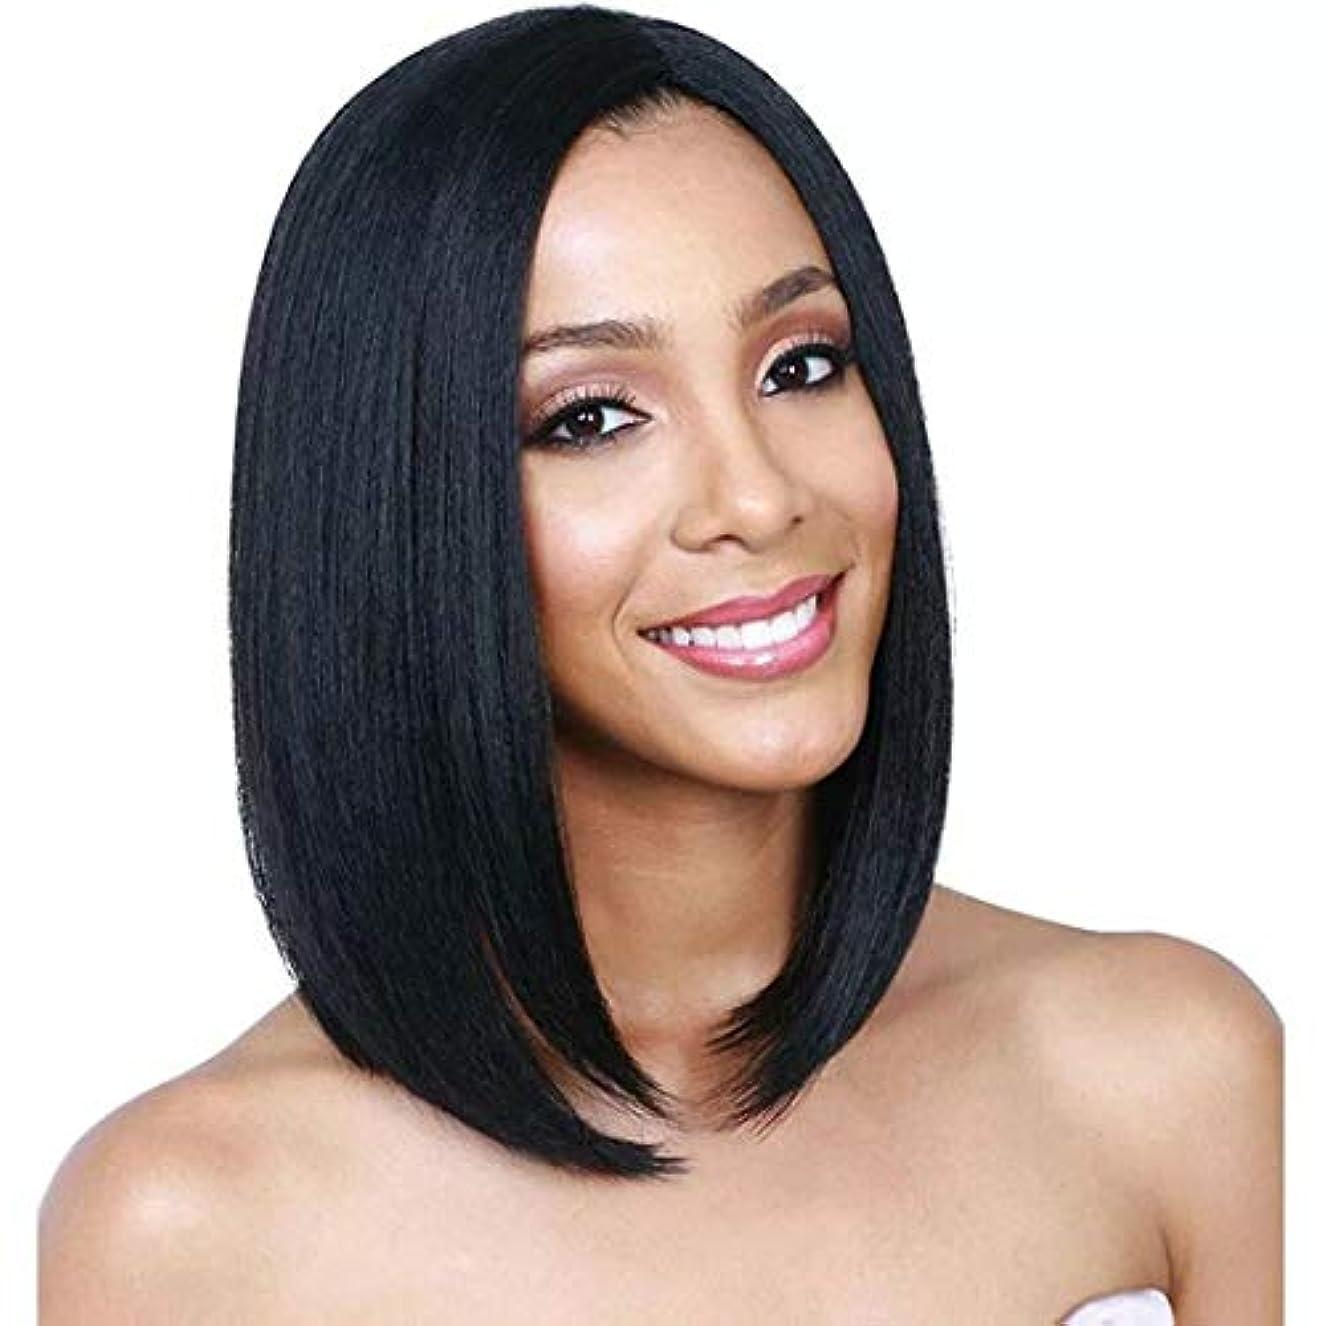 値する少し承知しましたSummerys 前髪付きかつら合成耐熱ロングストレートヘアショルダーローズネットウィッグヘッドギアウィッグ